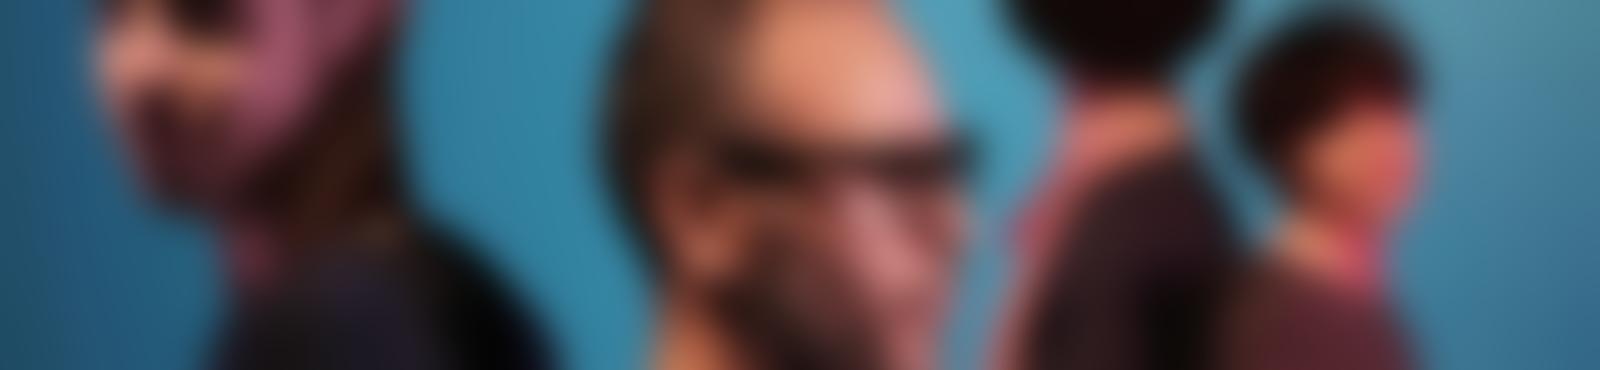 Blurred 0a034843 7ae1 44c2 829b 8f94dc7118a8